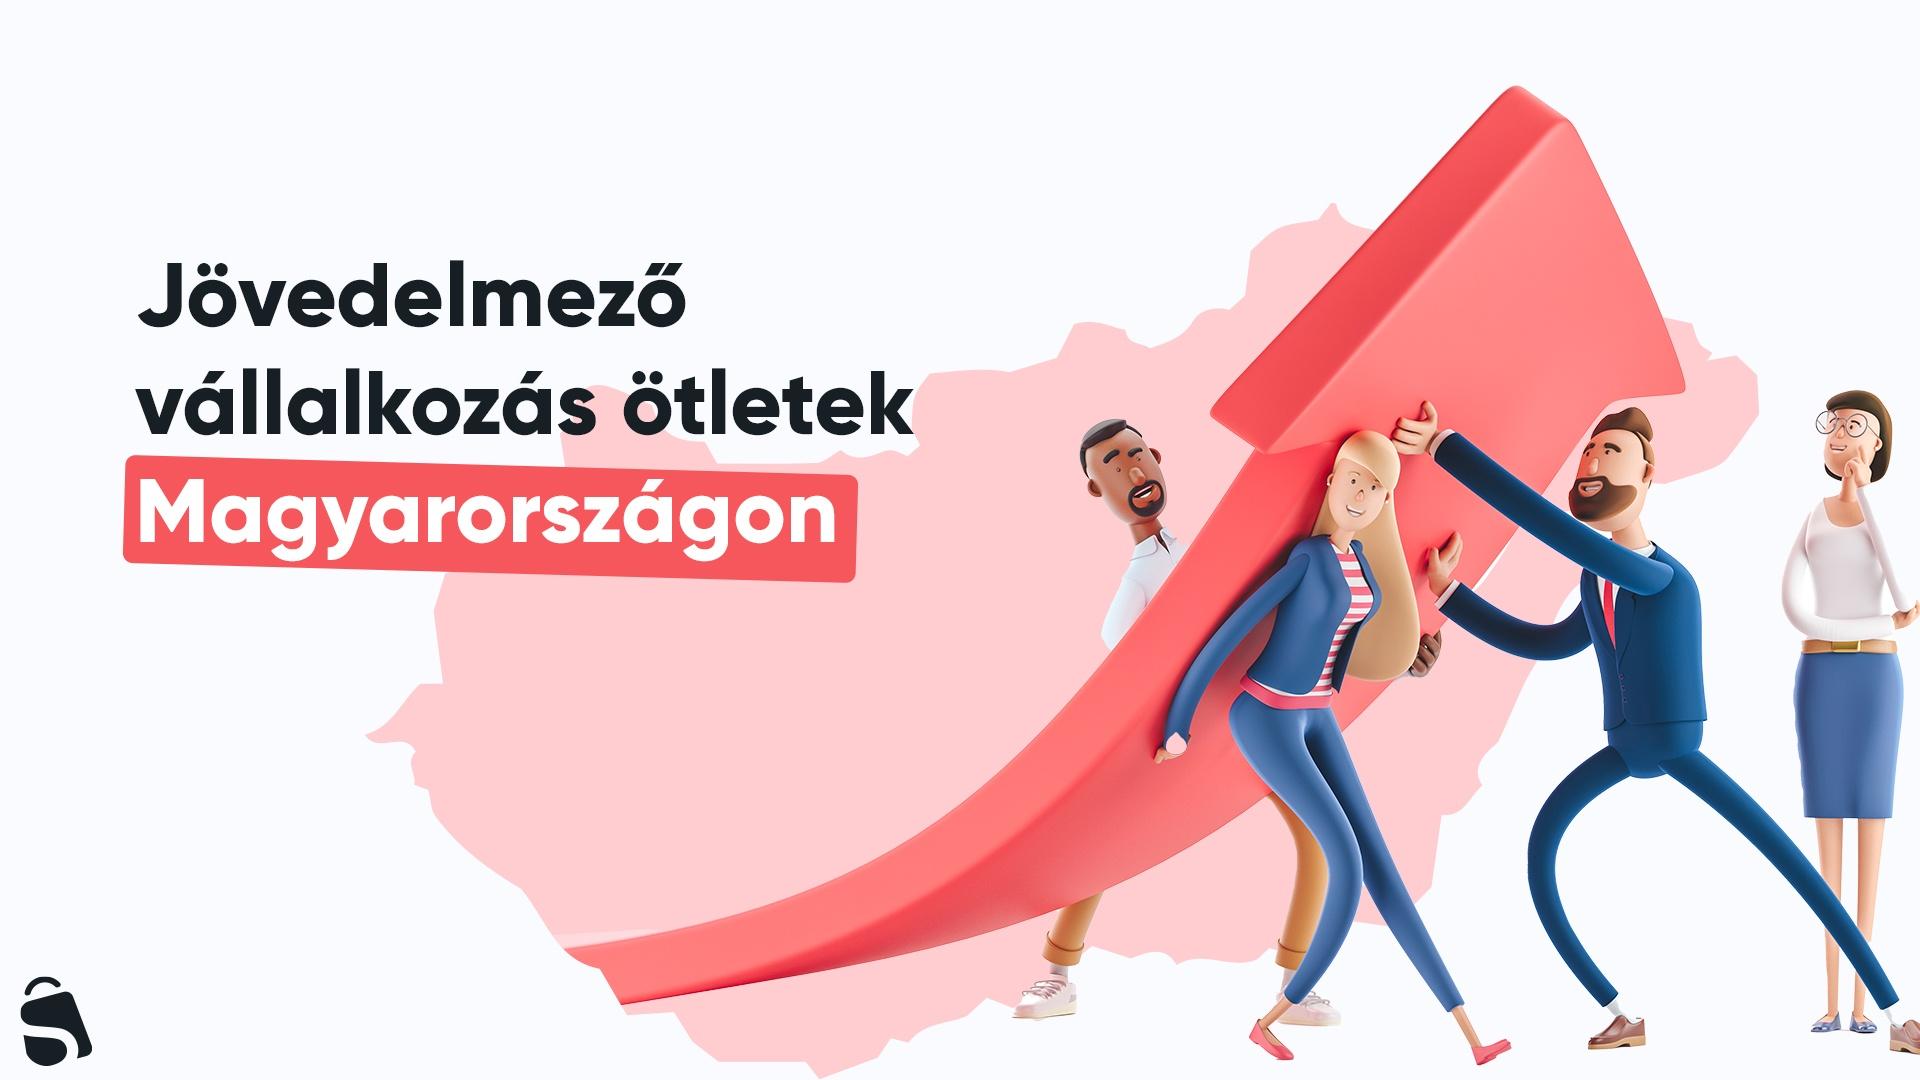 Jövedelmező vállalkozás ötletek Magyarországon